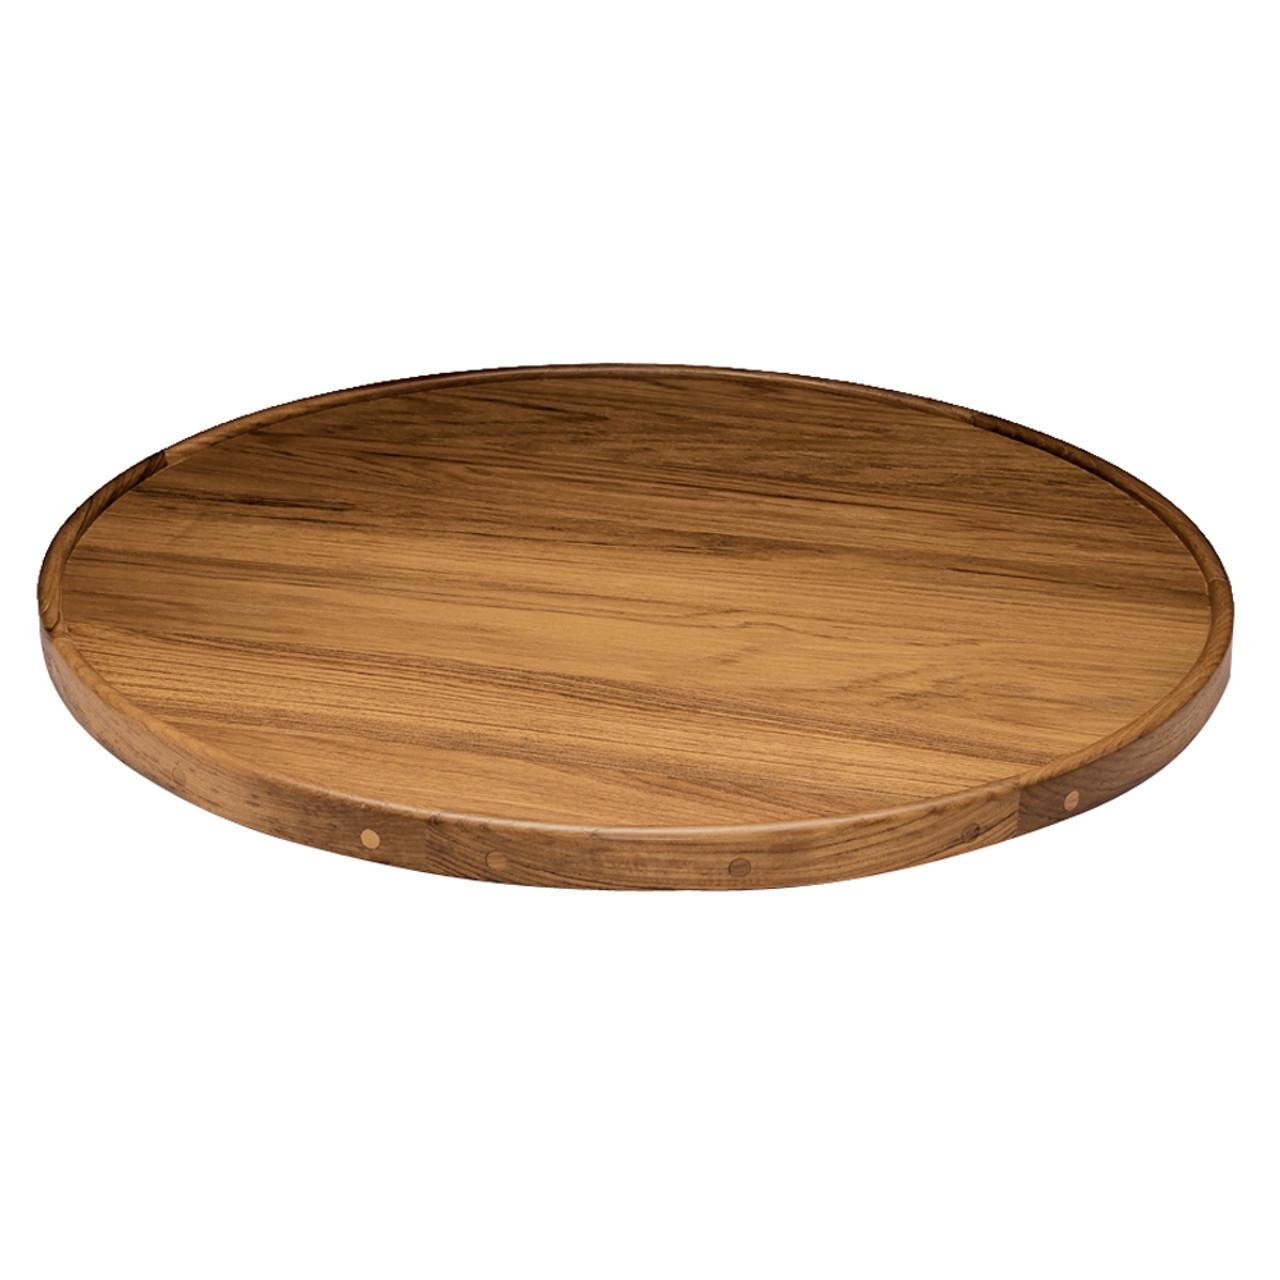 Whitecap 24 Round Teak Table Top